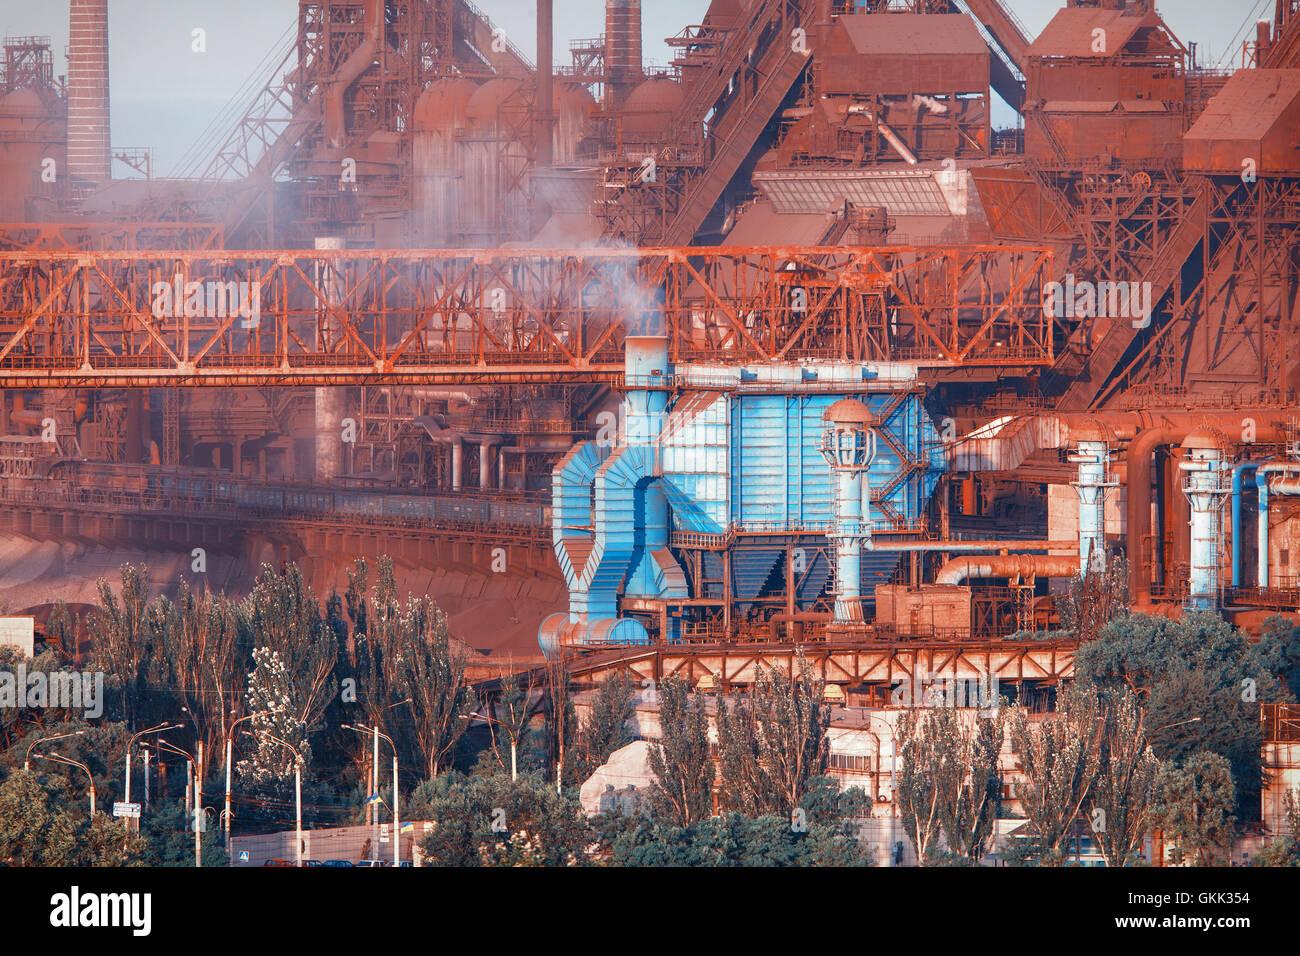 Edificios industriales . Fábrica de acero al atardecer. Tubos de humo. Planta metalúrgica. acerías, obras de hierro. Industria pesada en Foto de stock